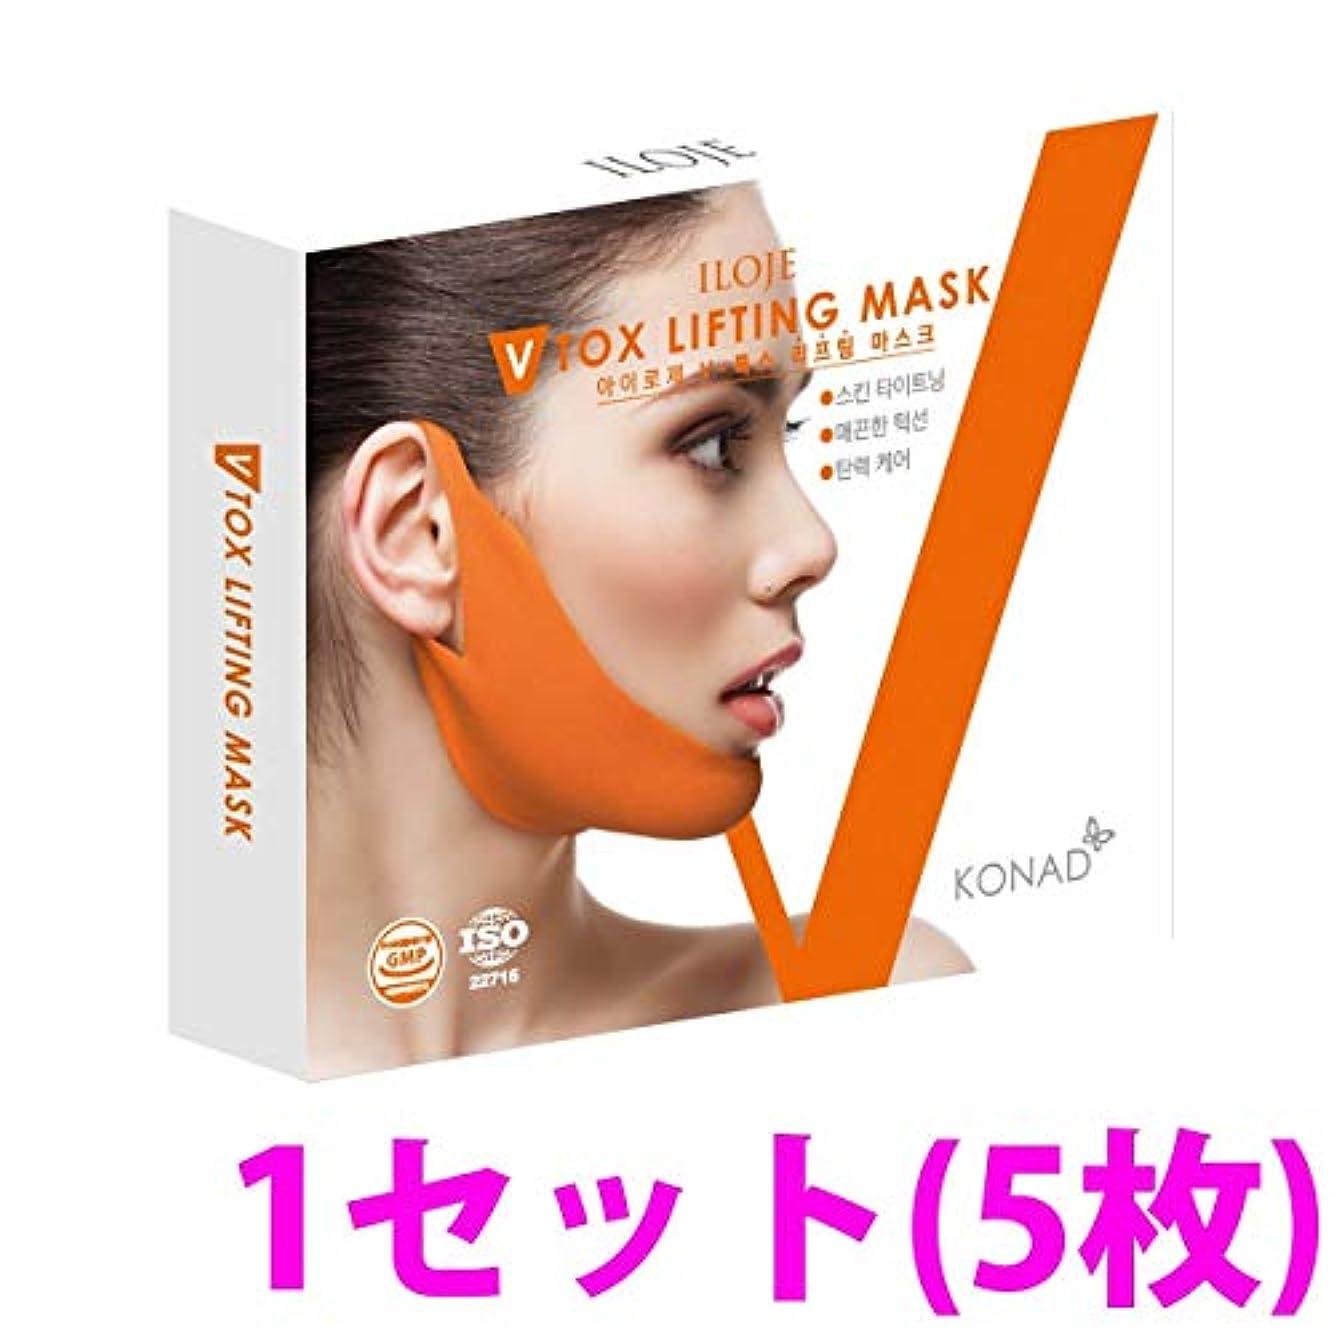 イタリックめったに関与する女性の年齢は顎の輪郭で決まる!V-TOXリフティングマスクパック 1セット(5枚)